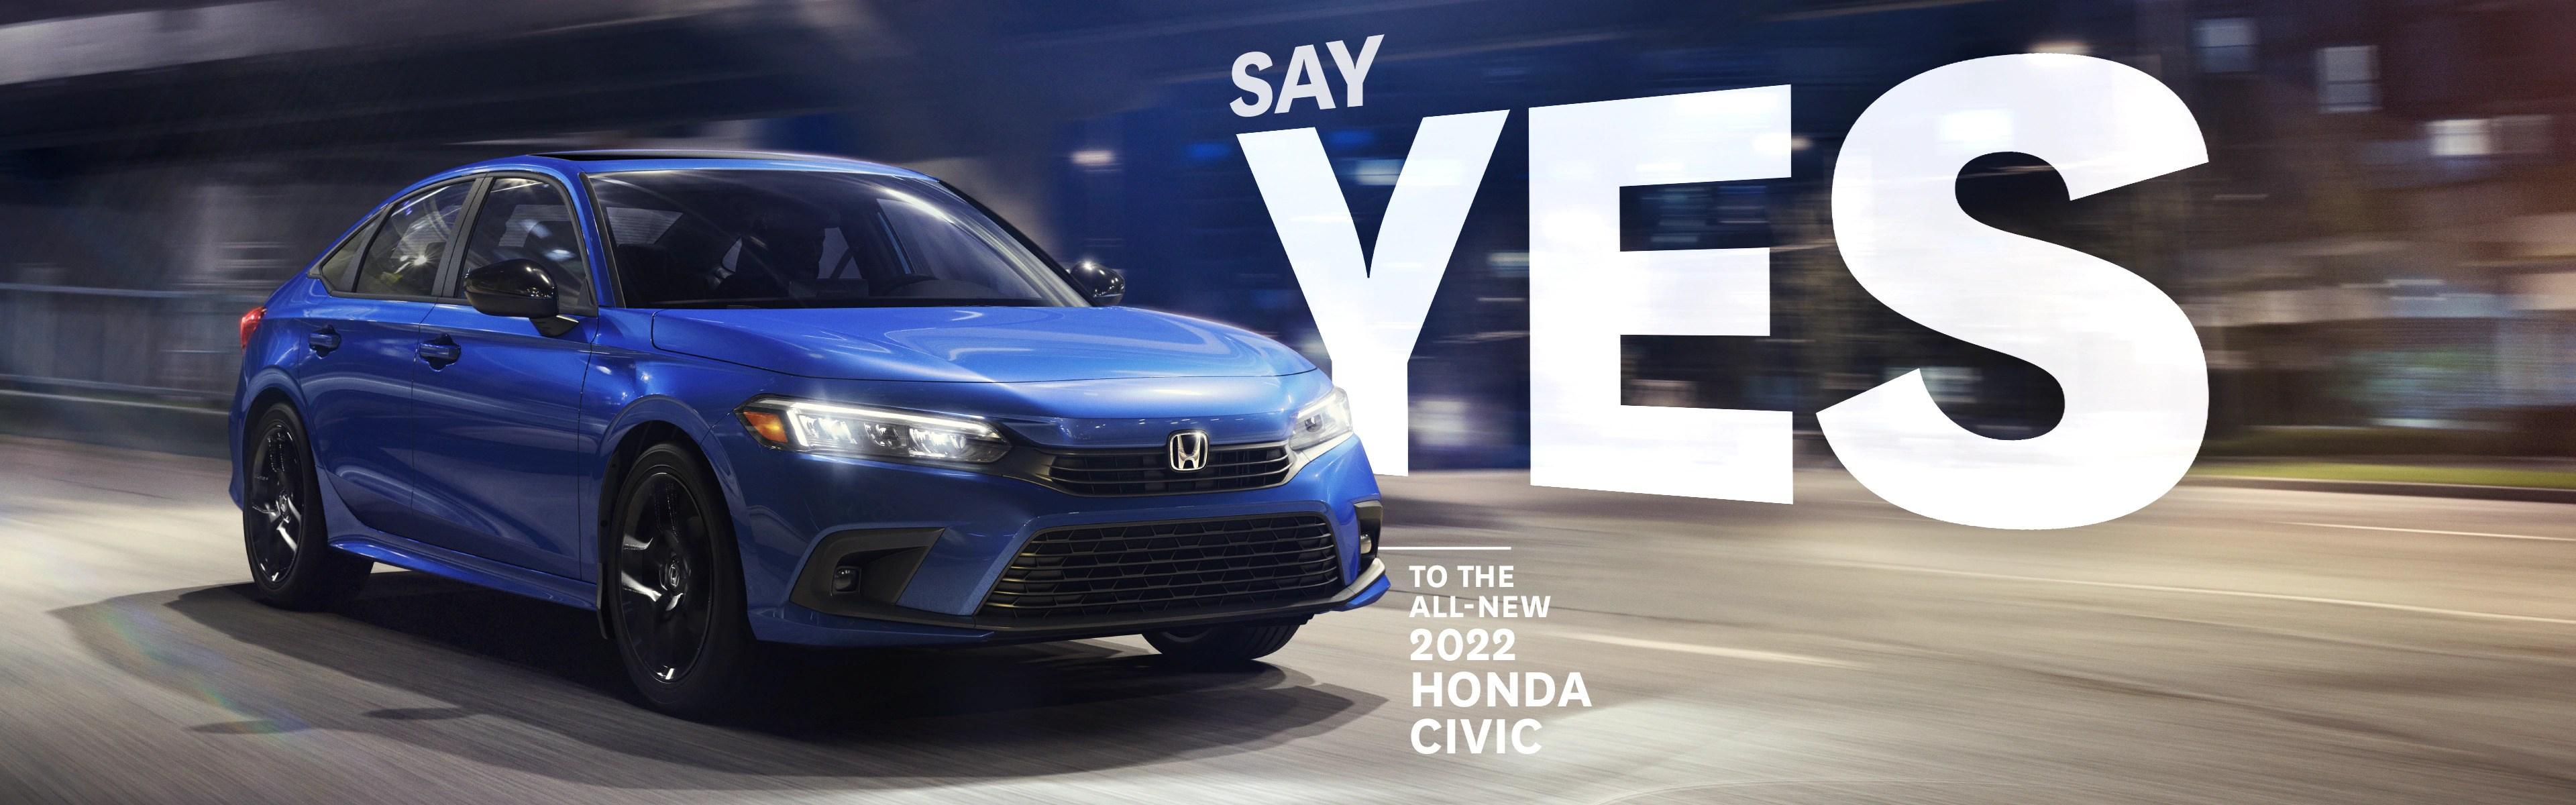 2022 Honda Civic Sedan at Cambridge Centre Honda